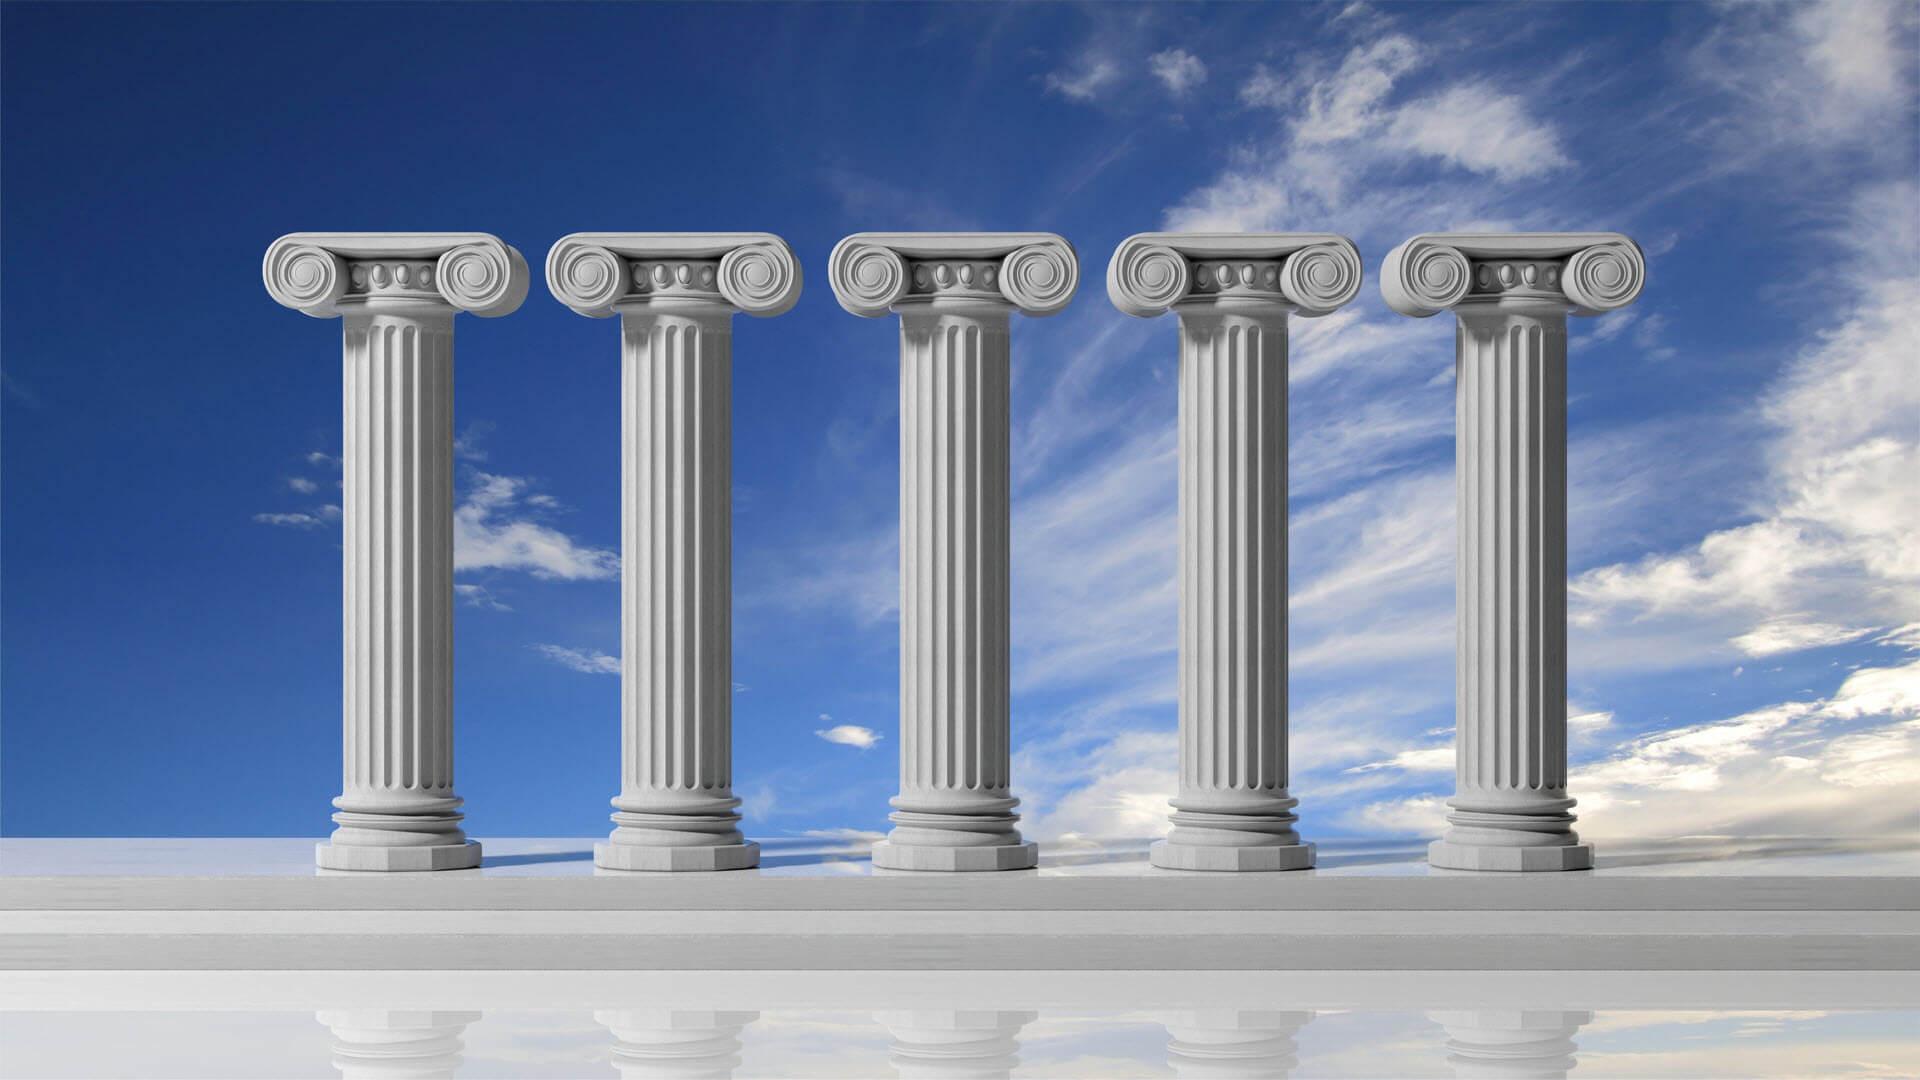 آموزش فروش: ۵ ستون اصلی معرفی موفقیت آمیز محصولات و خدمات